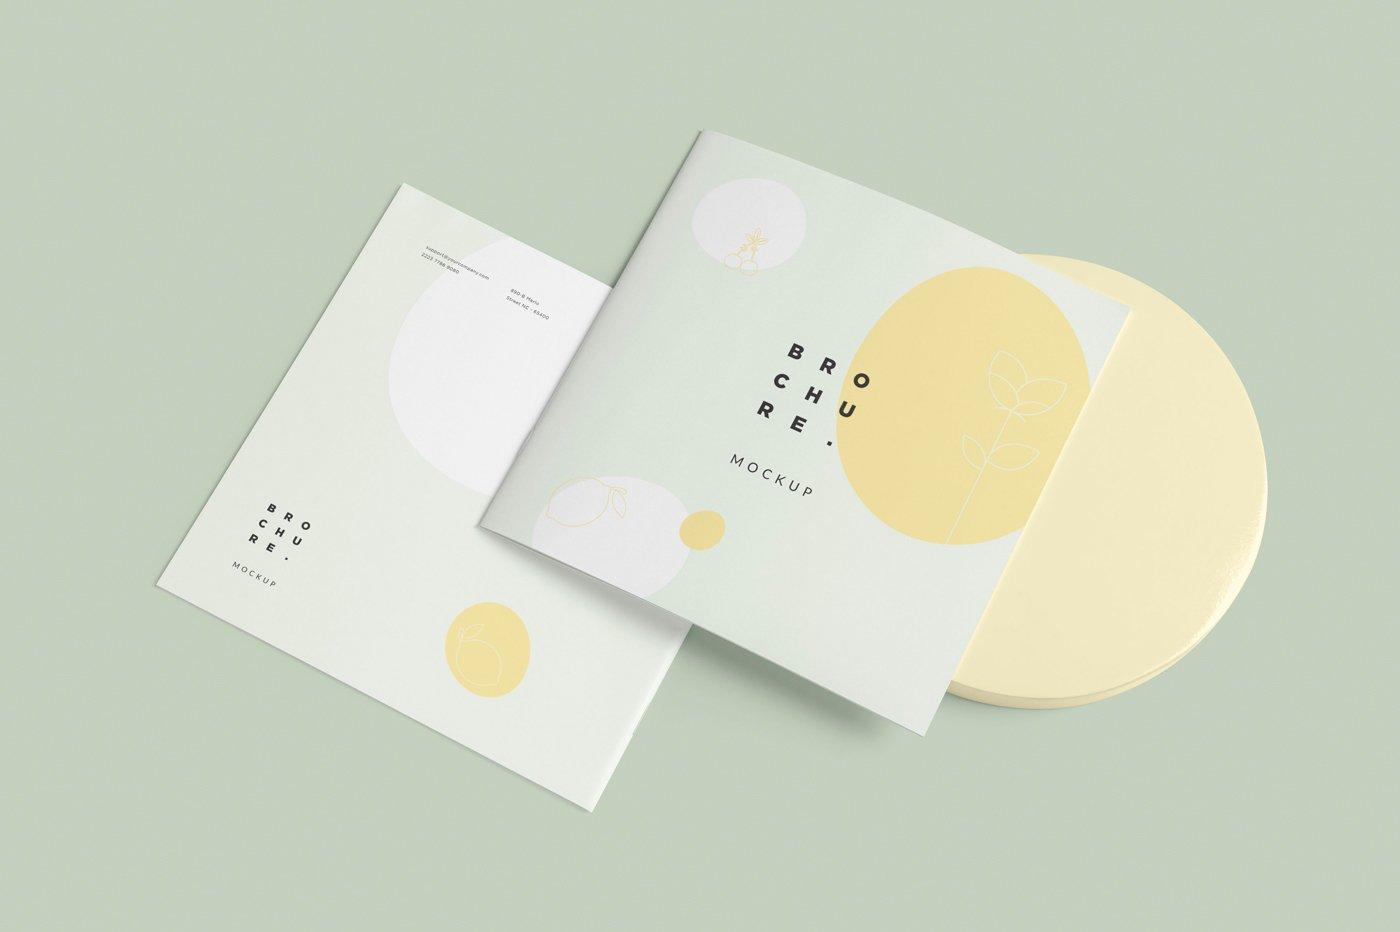 软封面方形小册子设计展示样机 Soft Cover Square Brochure Mockups插图(2)